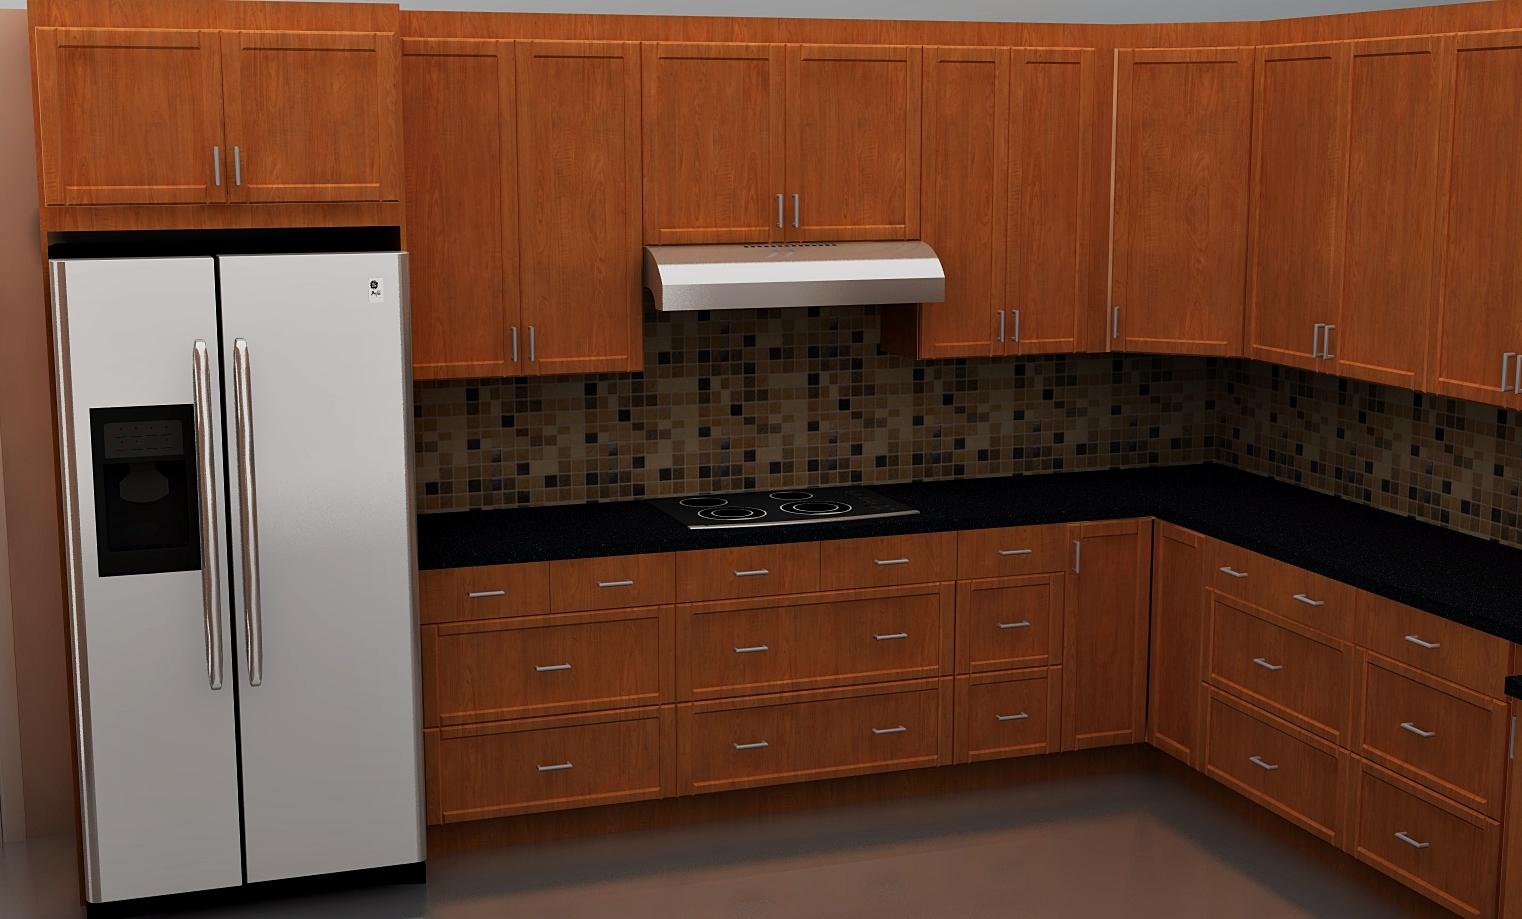 Kitchen Range Fridge Ikea